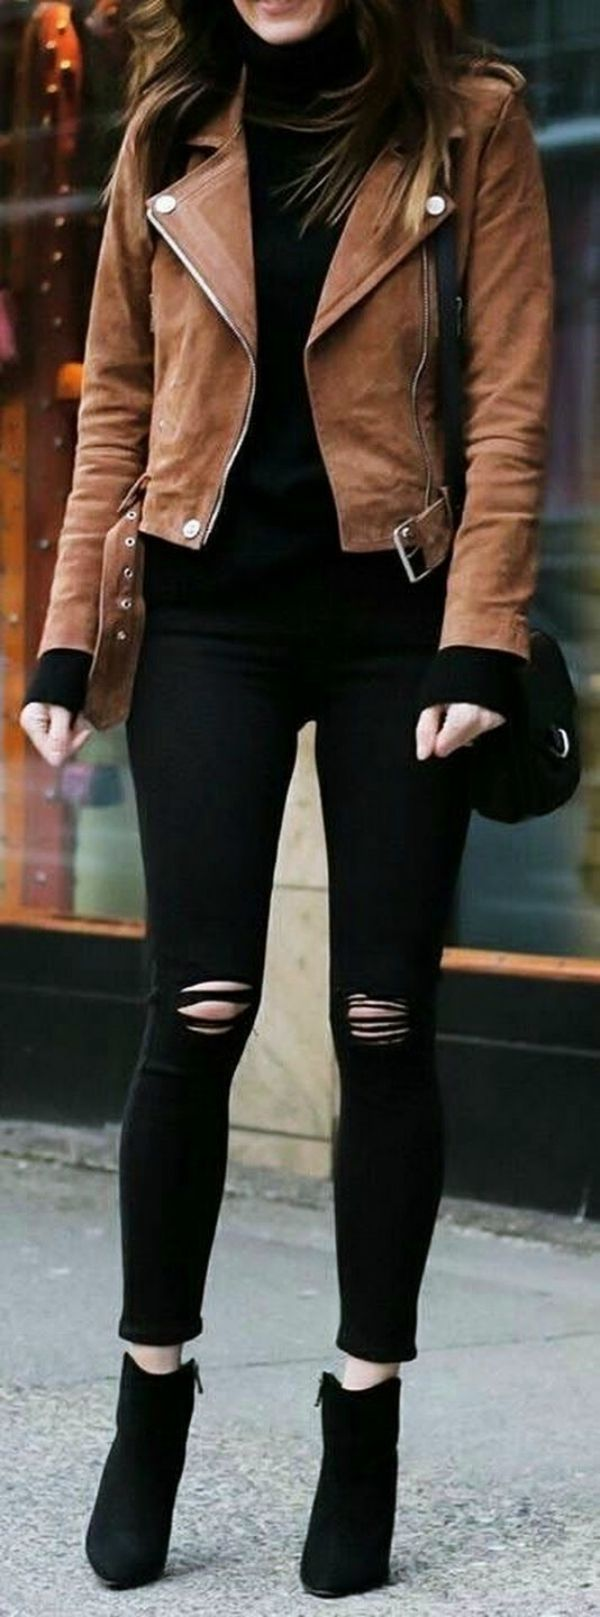 12+ Cute ways to Wear Ripped Jeans #thingstowear